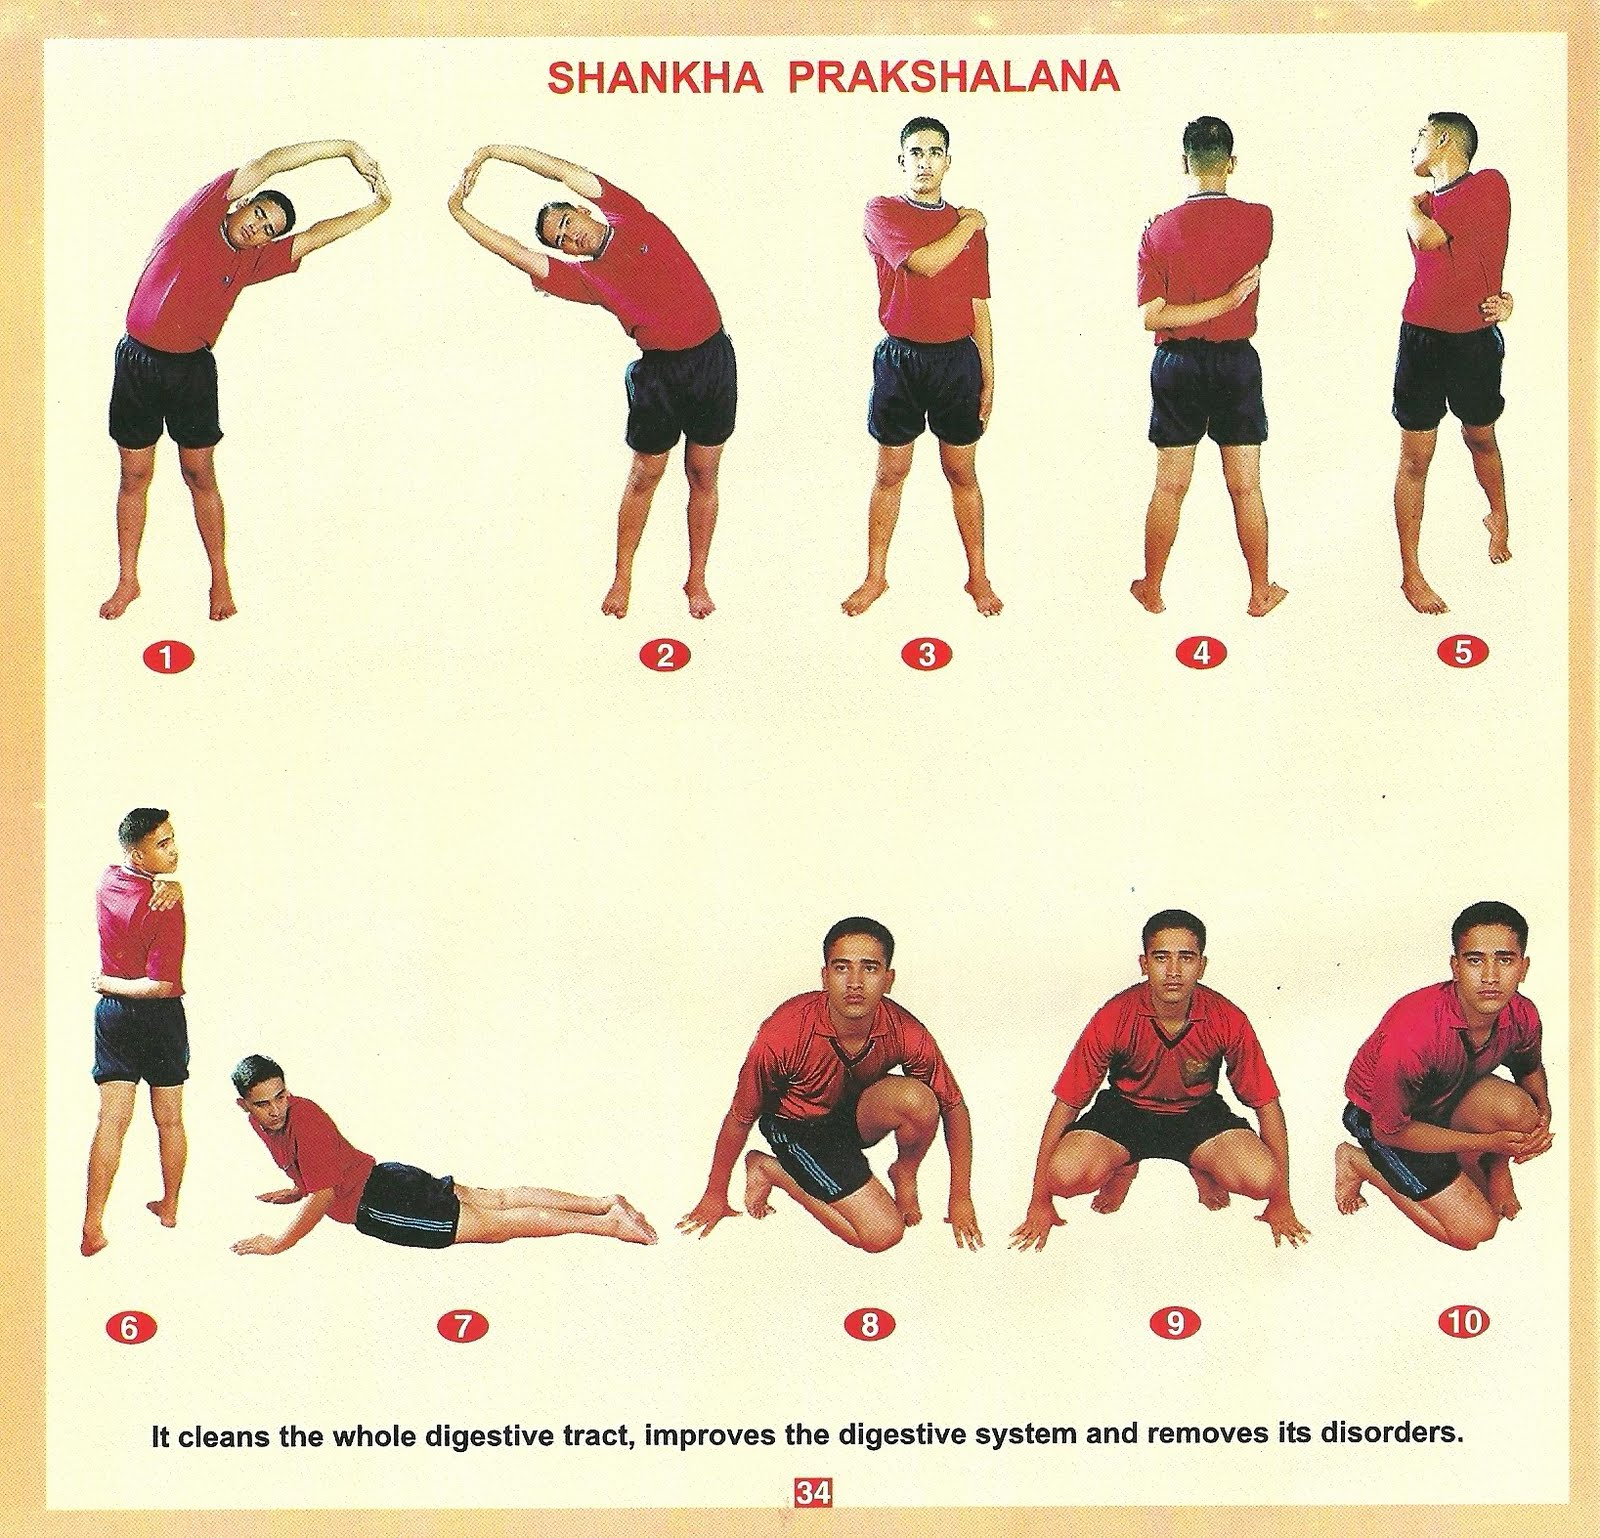 Shankha-Prakshalana